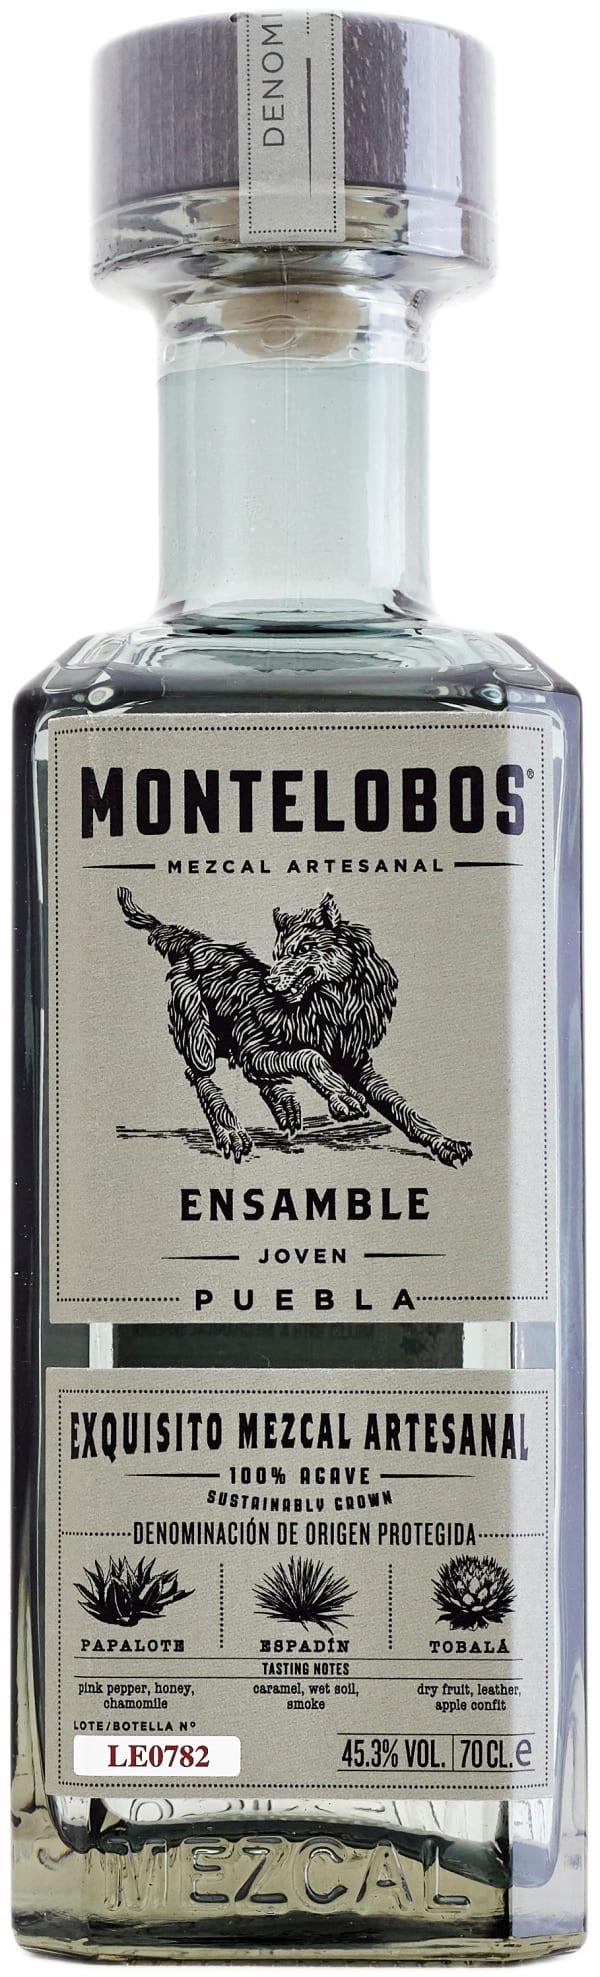 Montelobos Ensamble